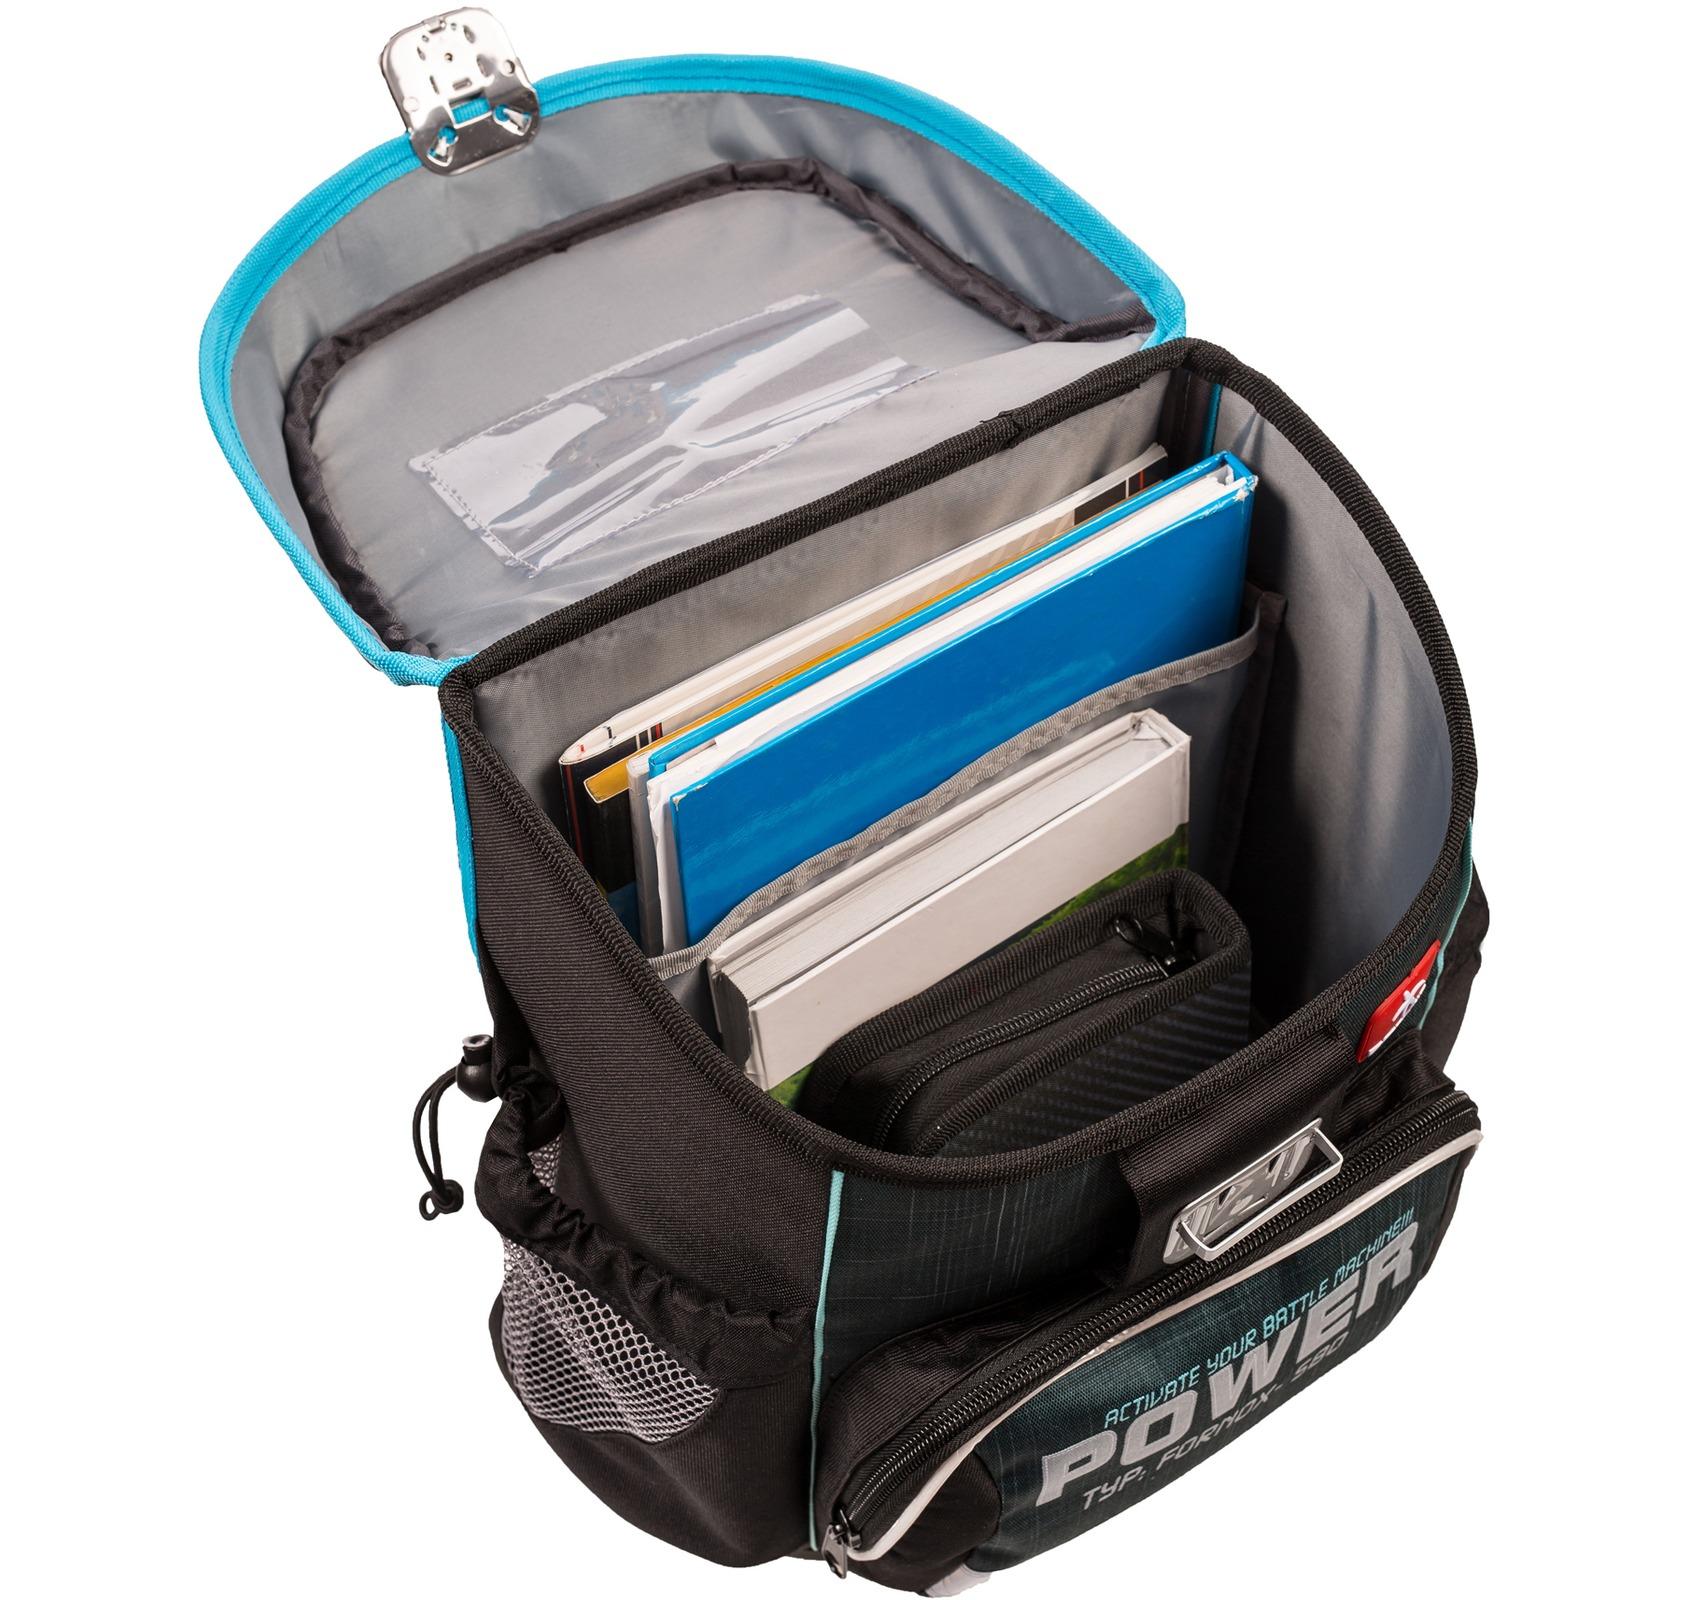 Ранец Belmil 405-33 MINI-FIT FOOTBALL + мешок и пенал + фломастеры, - фото 9